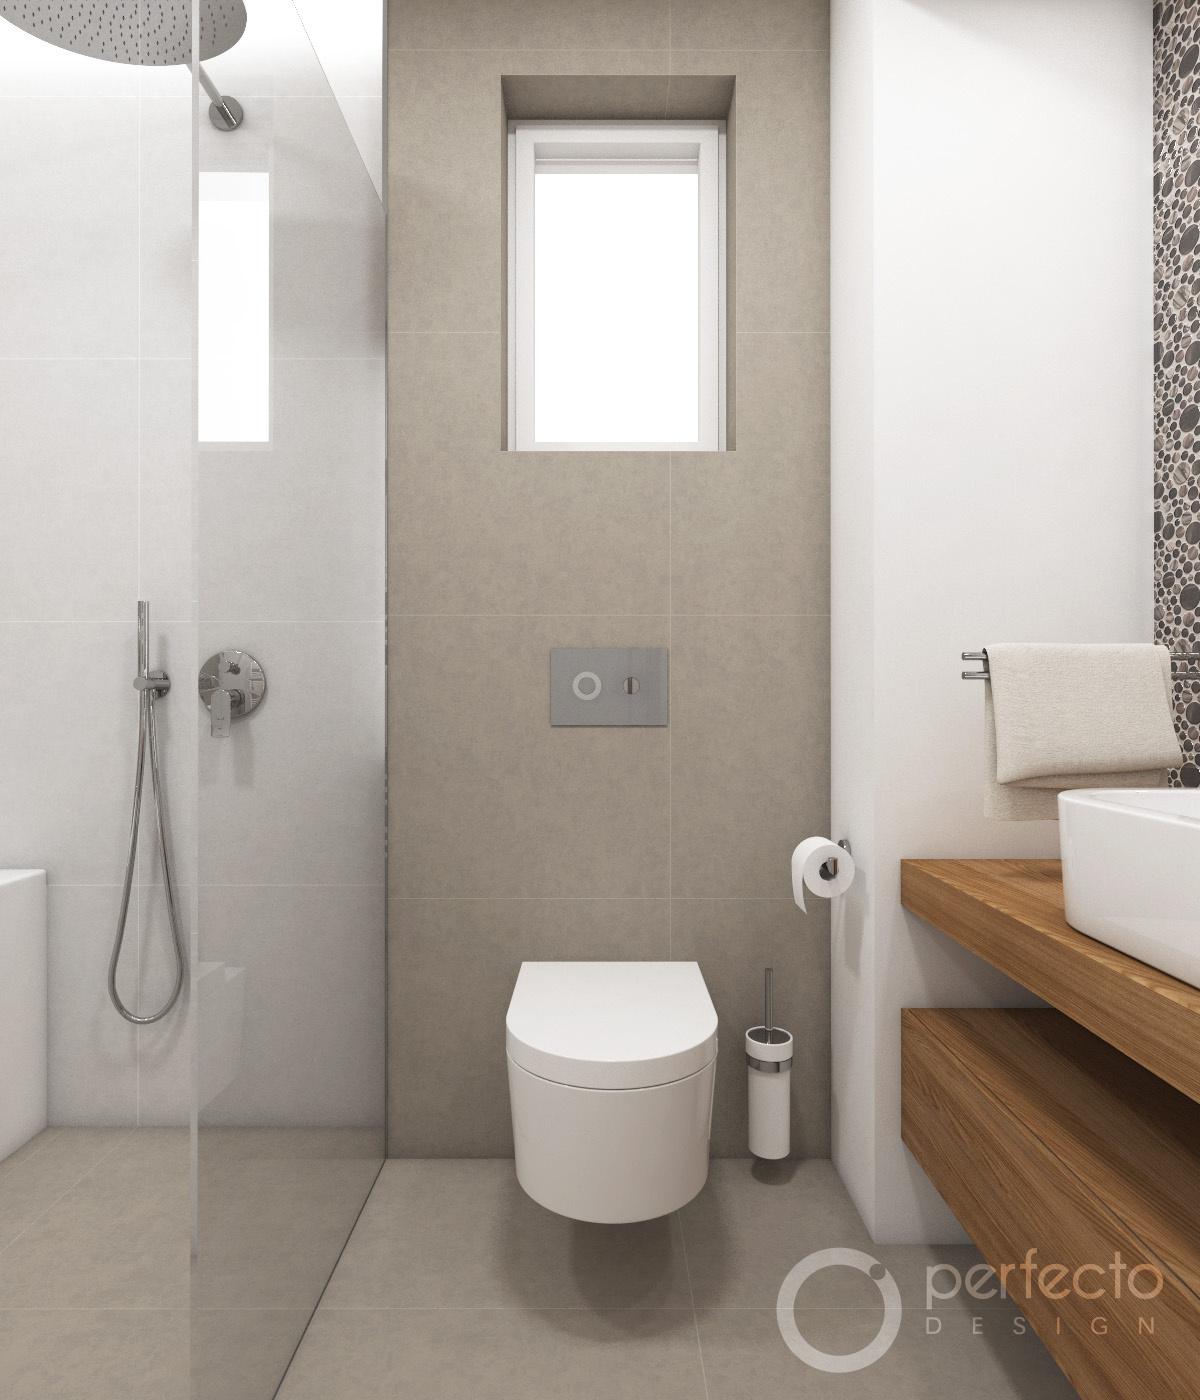 modernes badezimmer firenze perfecto design. Black Bedroom Furniture Sets. Home Design Ideas